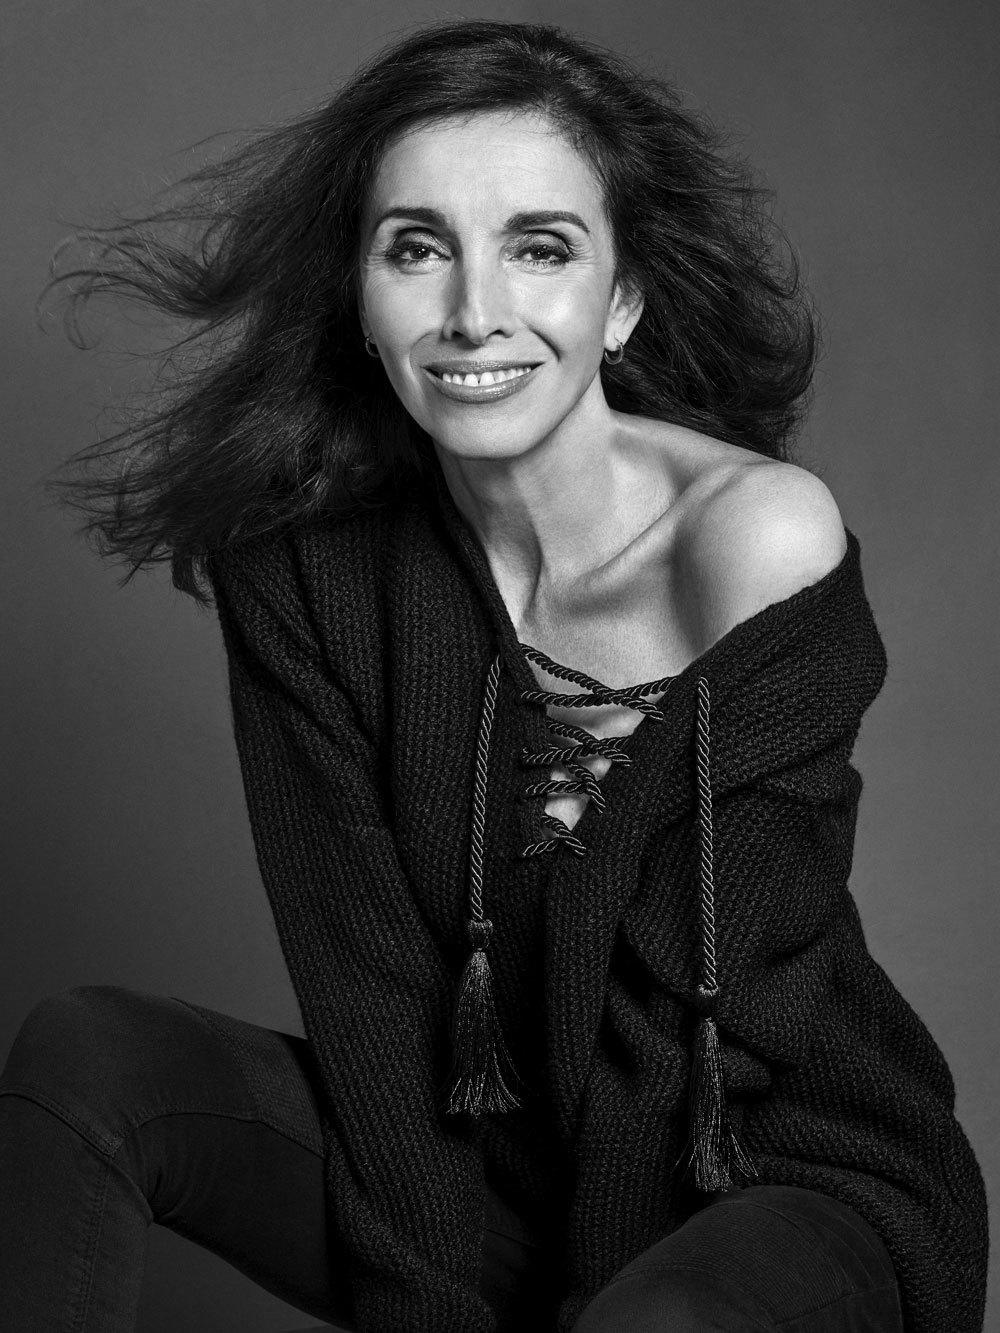 Ana Belén en nuestra sesión de fotos